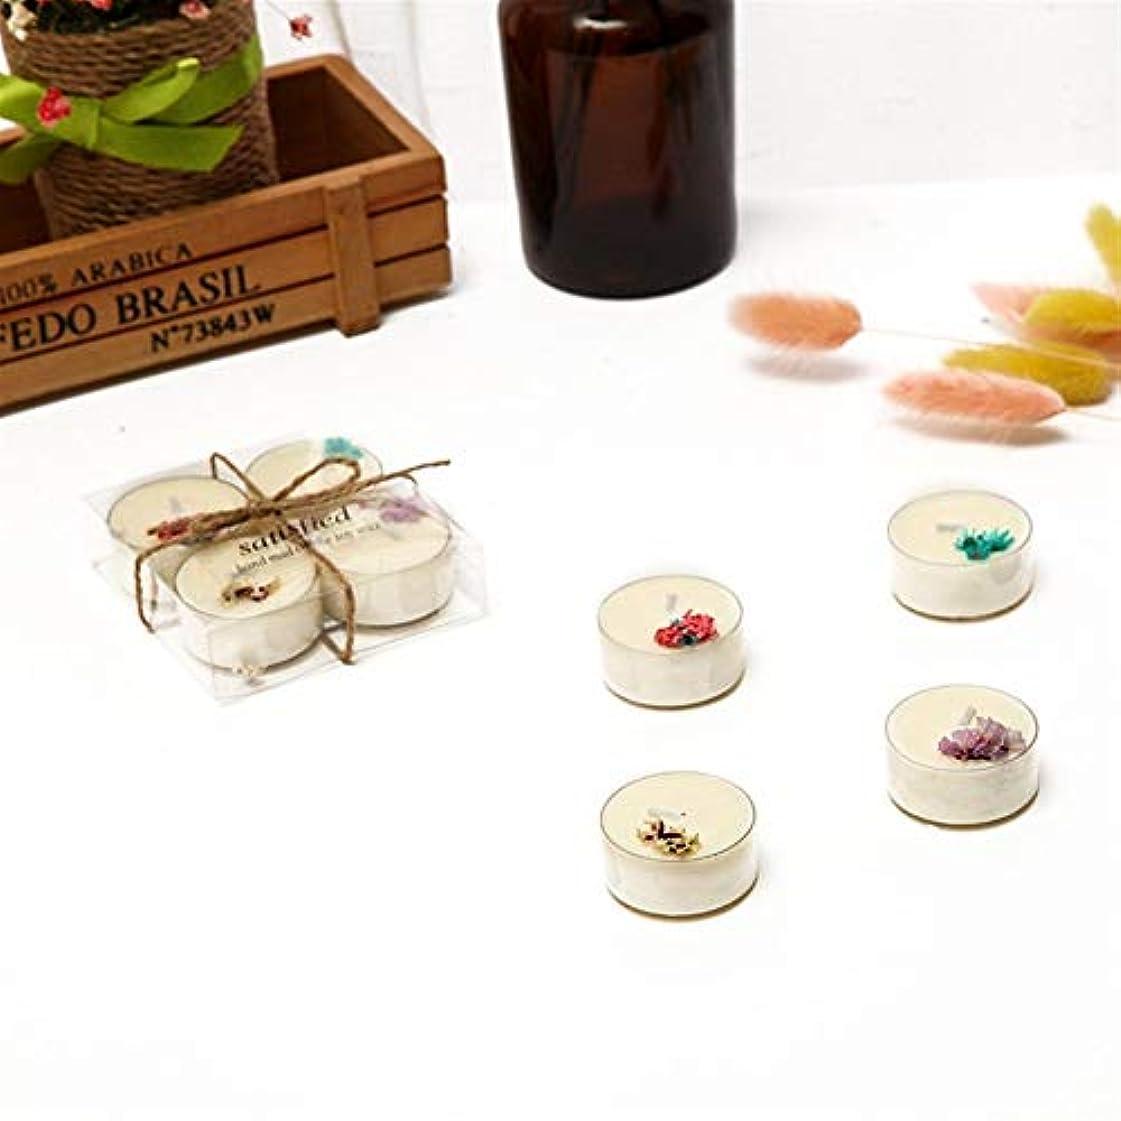 陰謀ホラーテラスZtian 4つの花小さな茶ワックスガラスボトルアロマセラピーガラスカップ非毒性環境保護 (色 : Lavender)